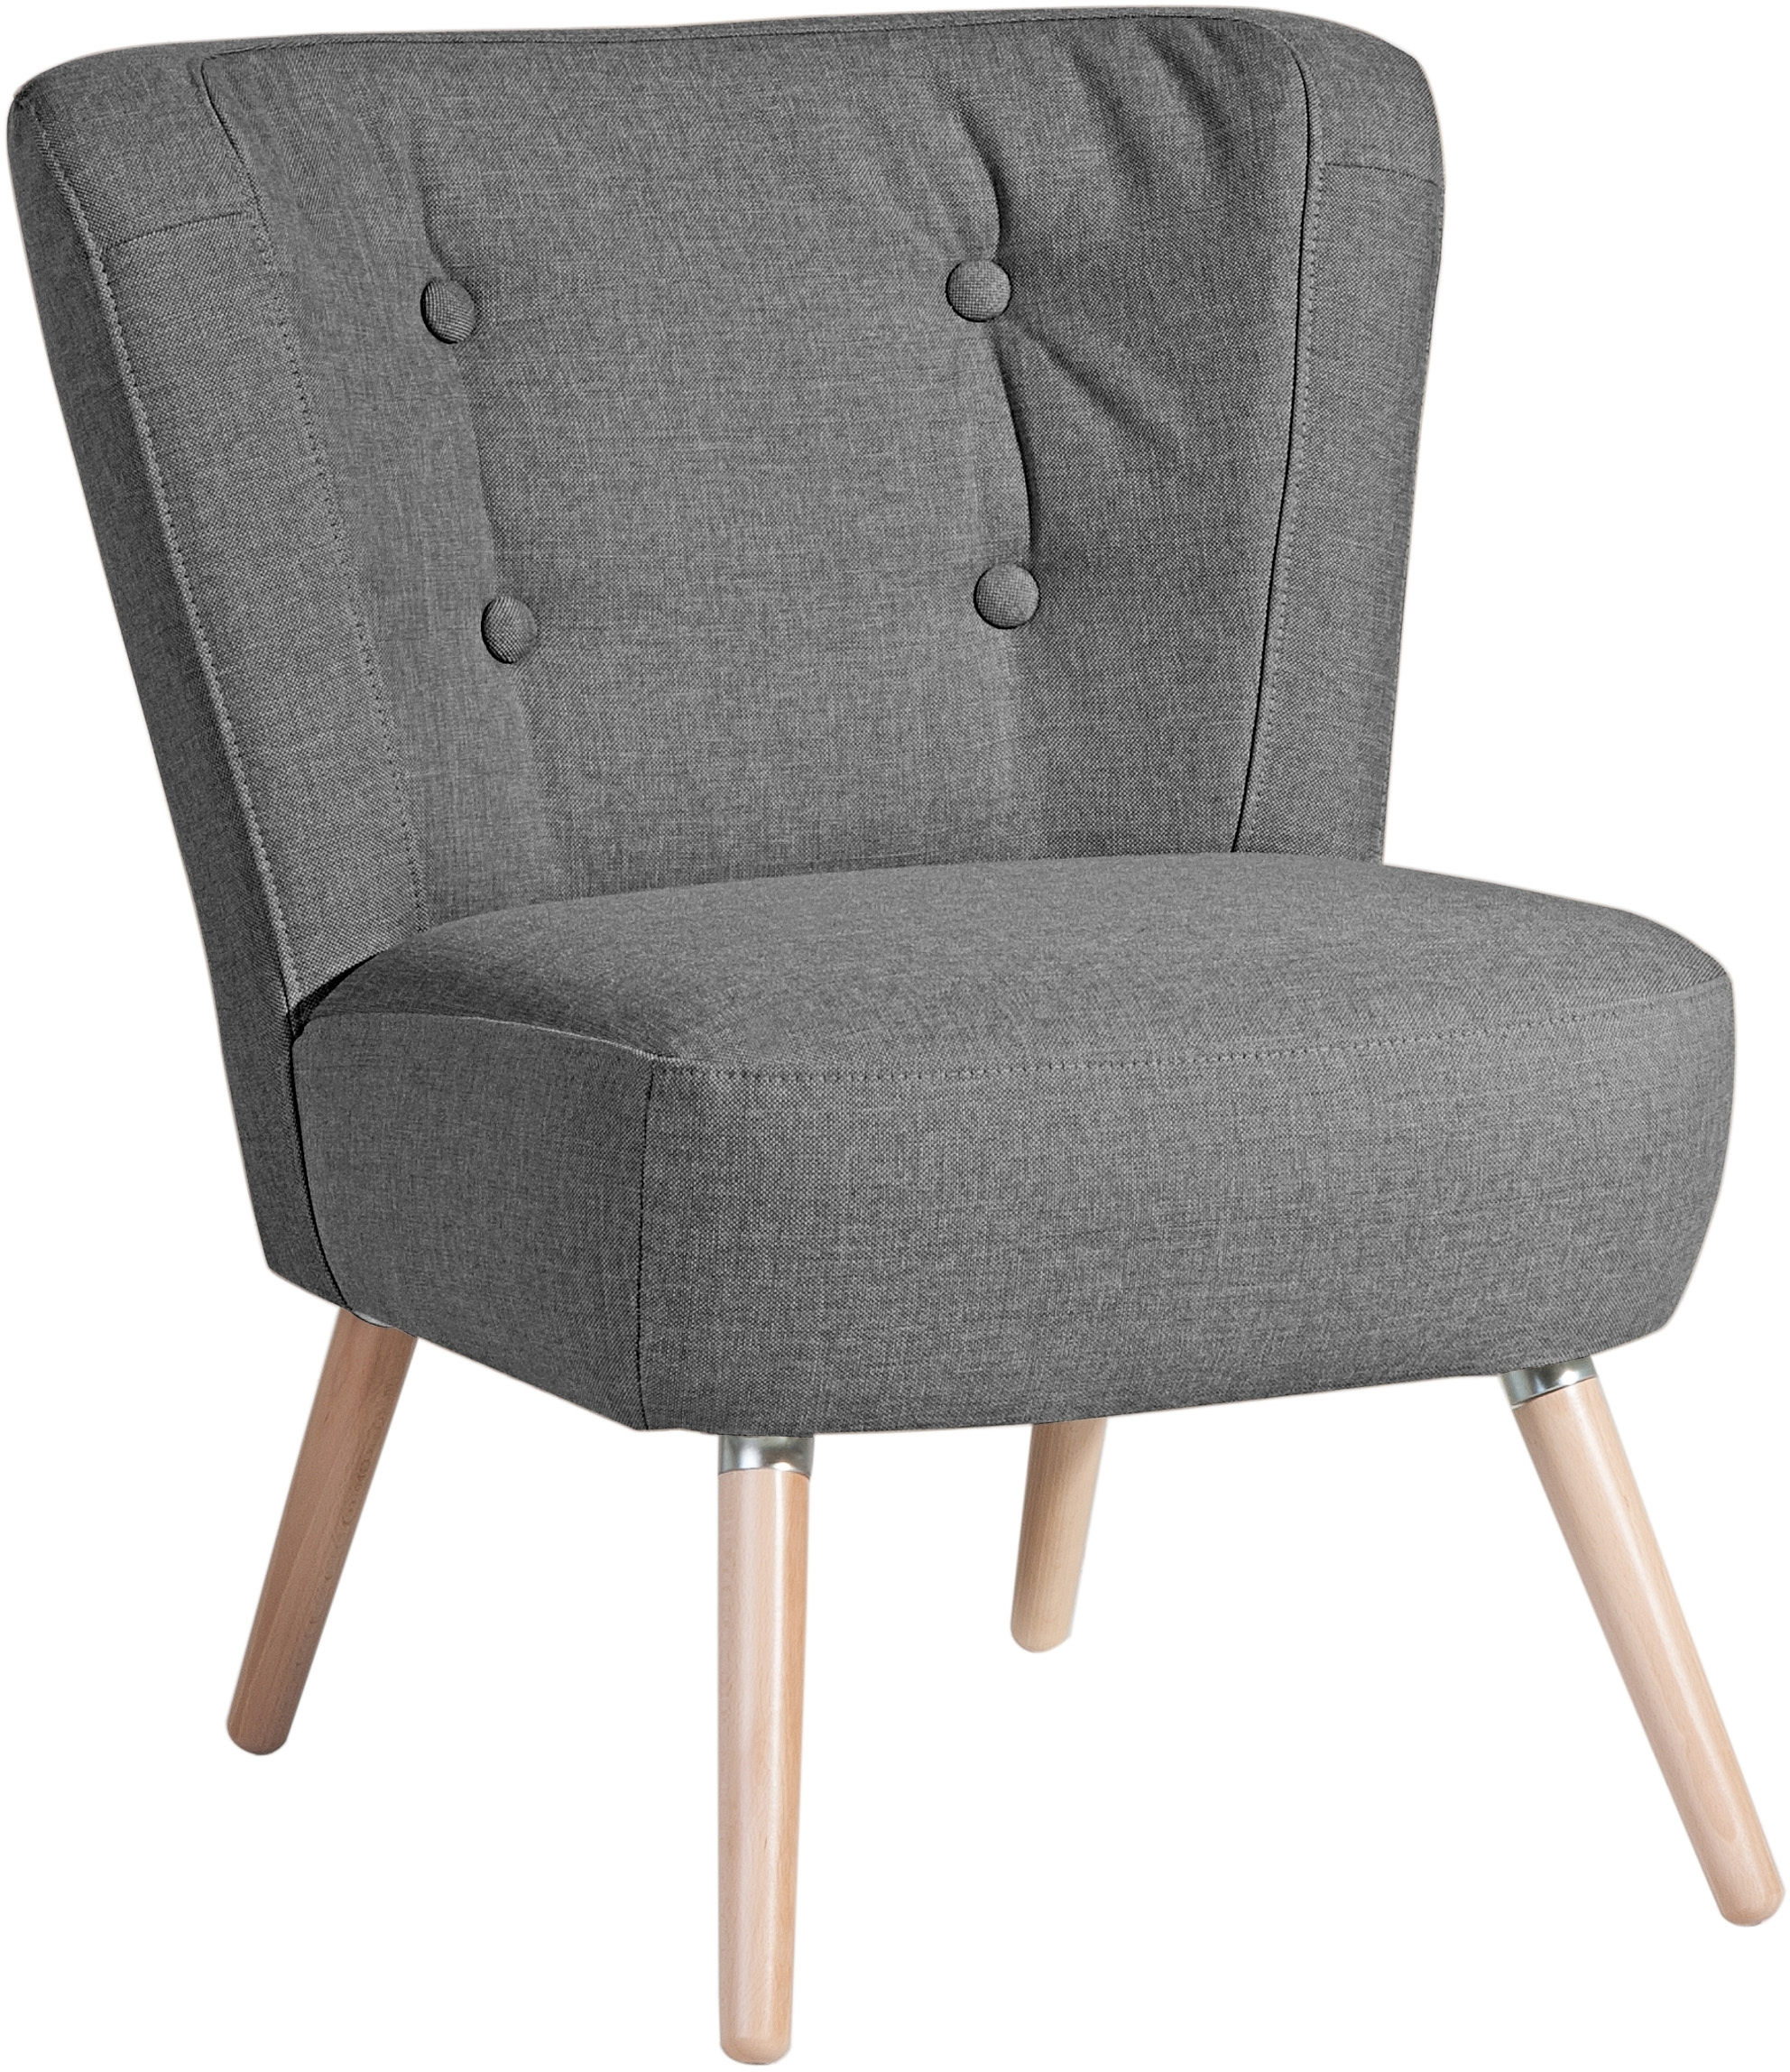 Max Winzer ® fauteuil met hoes »Nikki« veilig op otto.nl kopen